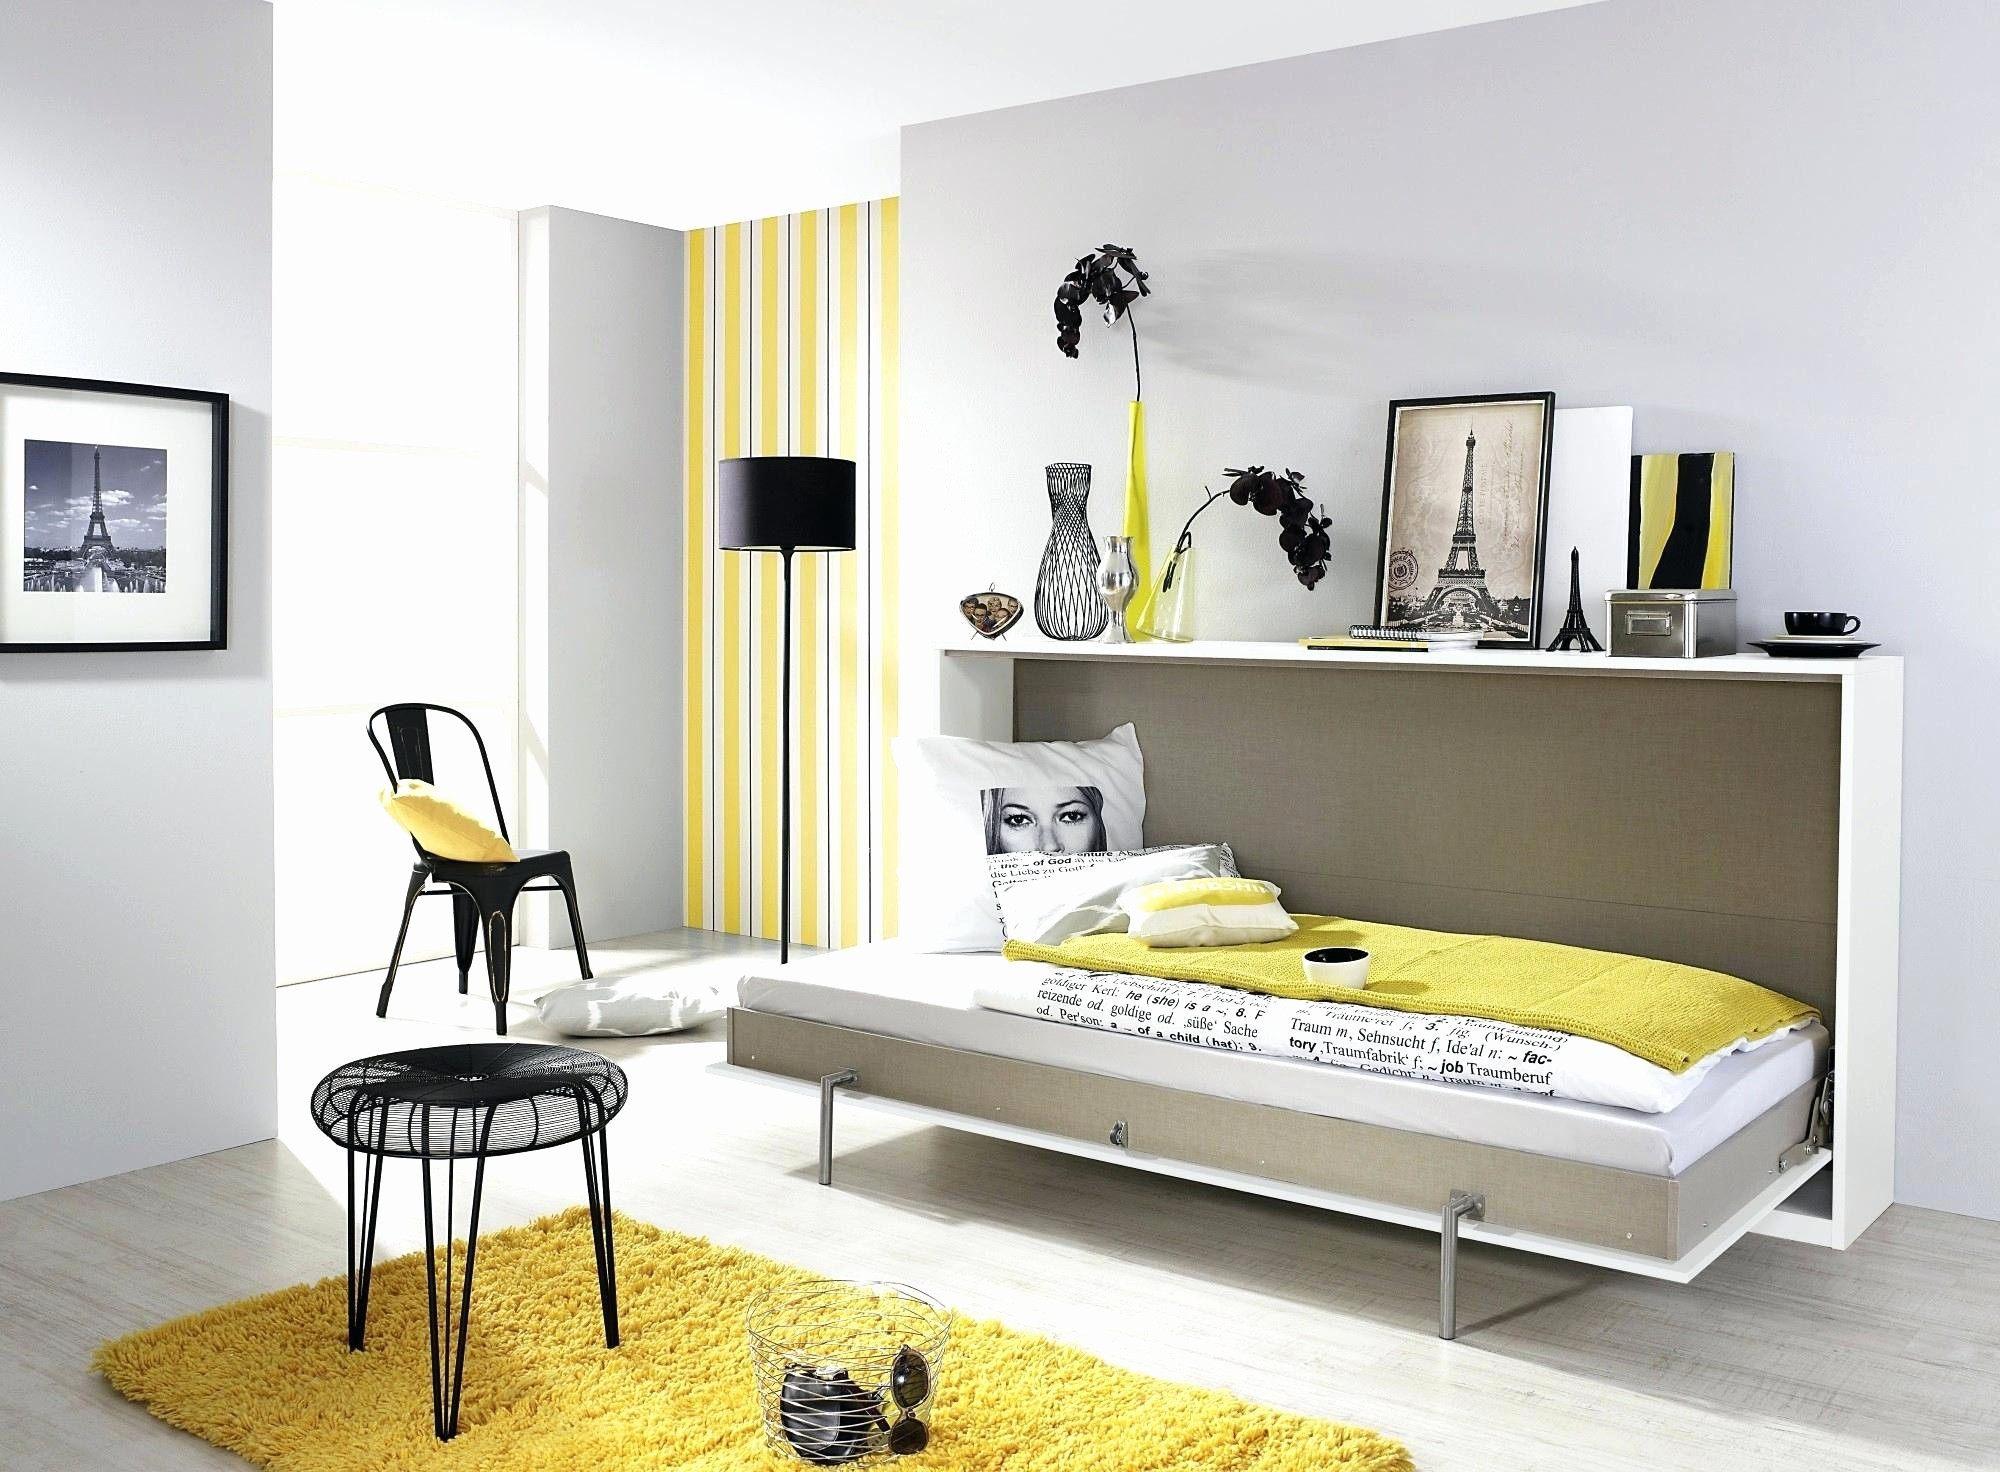 Matelas Lit Evolutif Ikea Le Luxe Matelas Pour Lit Evolutif Ikea Chambre Evolutive Ikea Génial Matelas